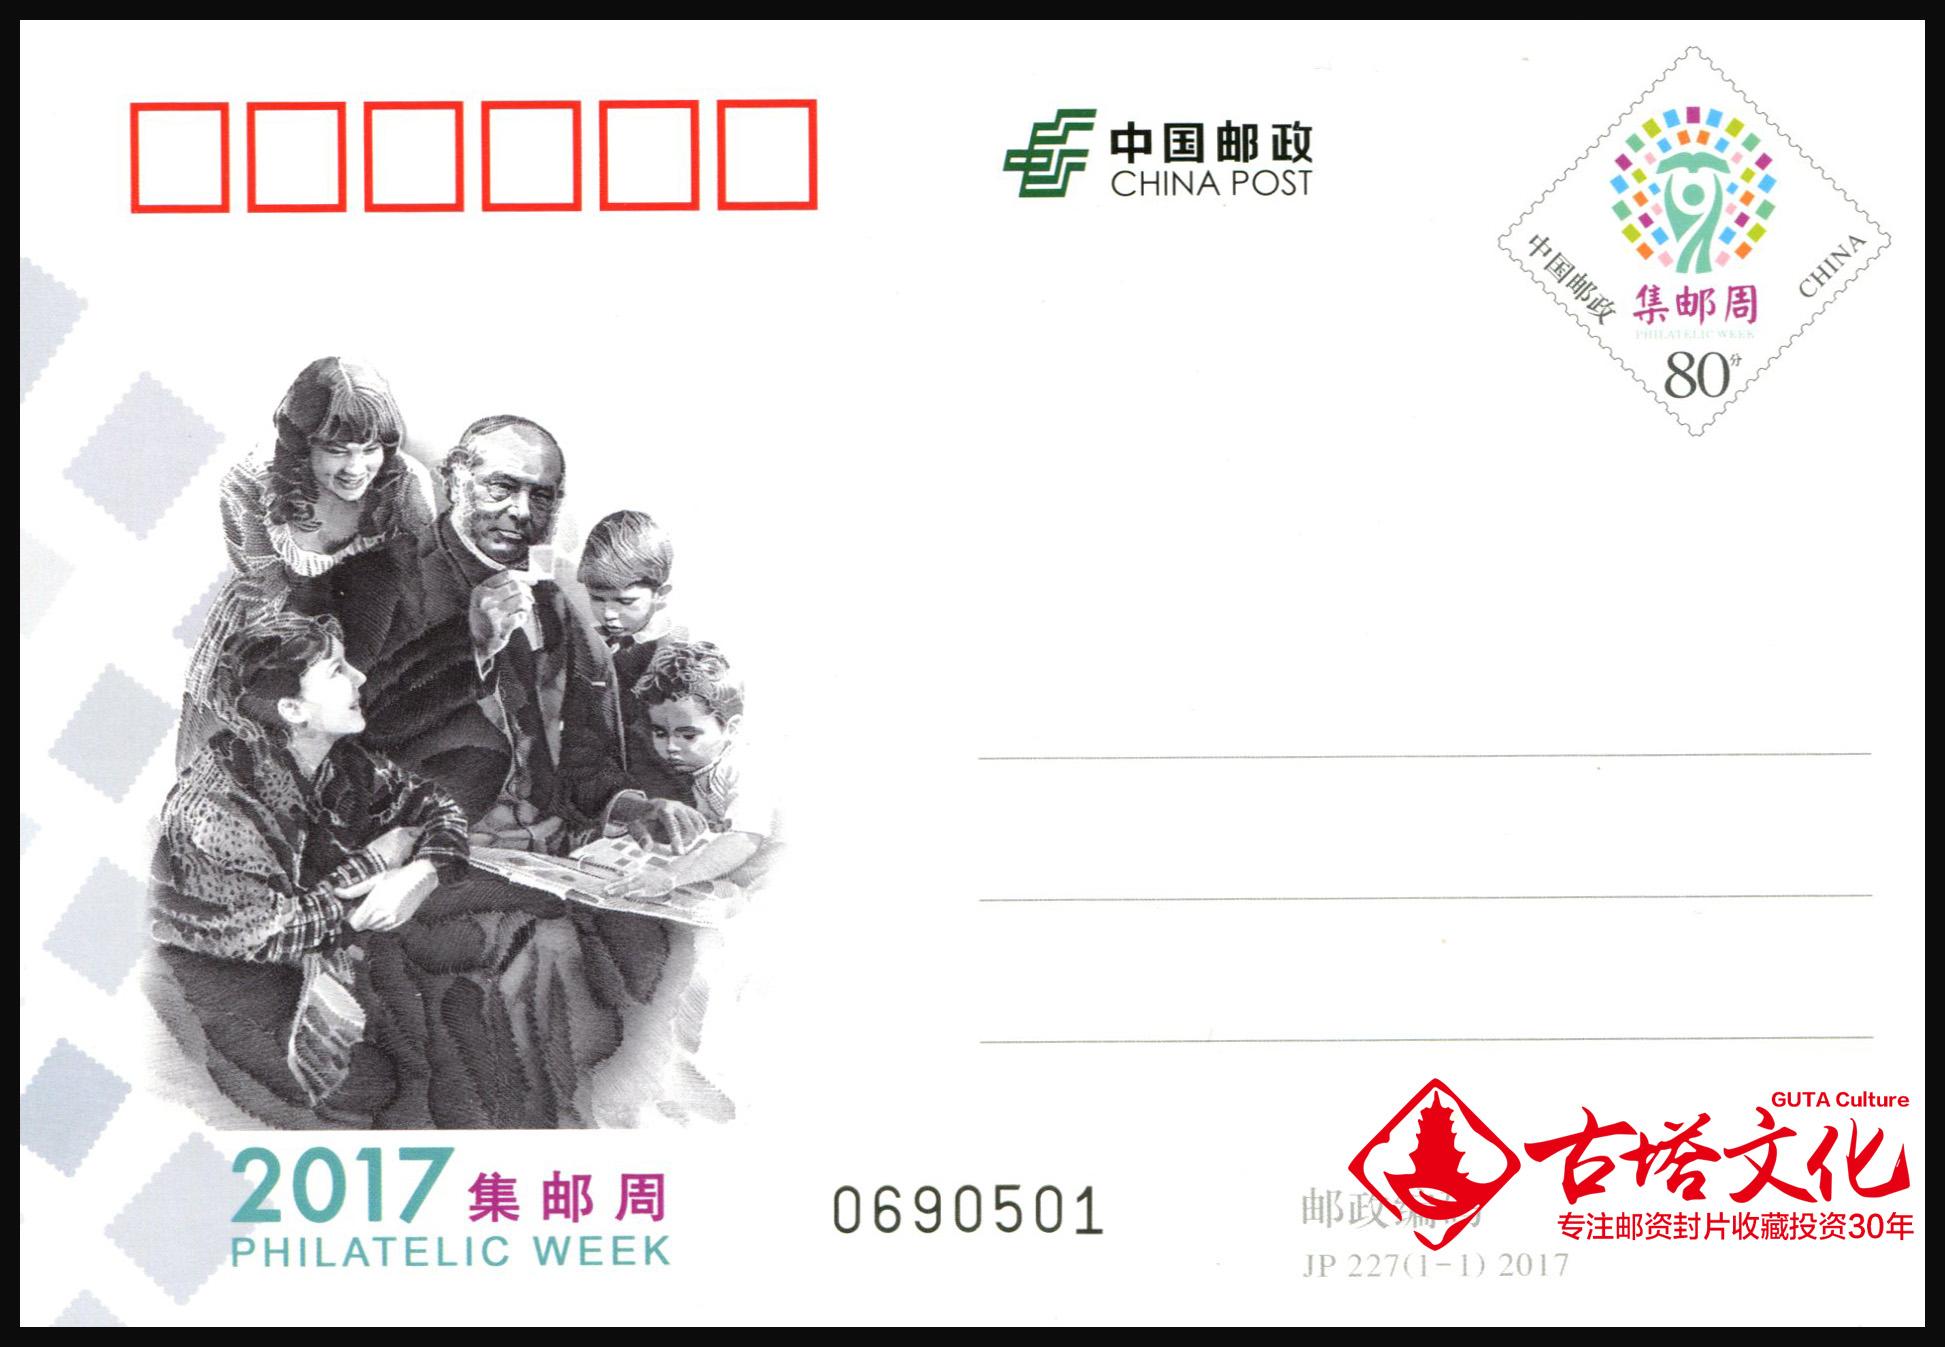 """JP227 2017 год «2017 коллекция почта неделю """" годовщина почта капитал открытка почта капитал лист открытка"""